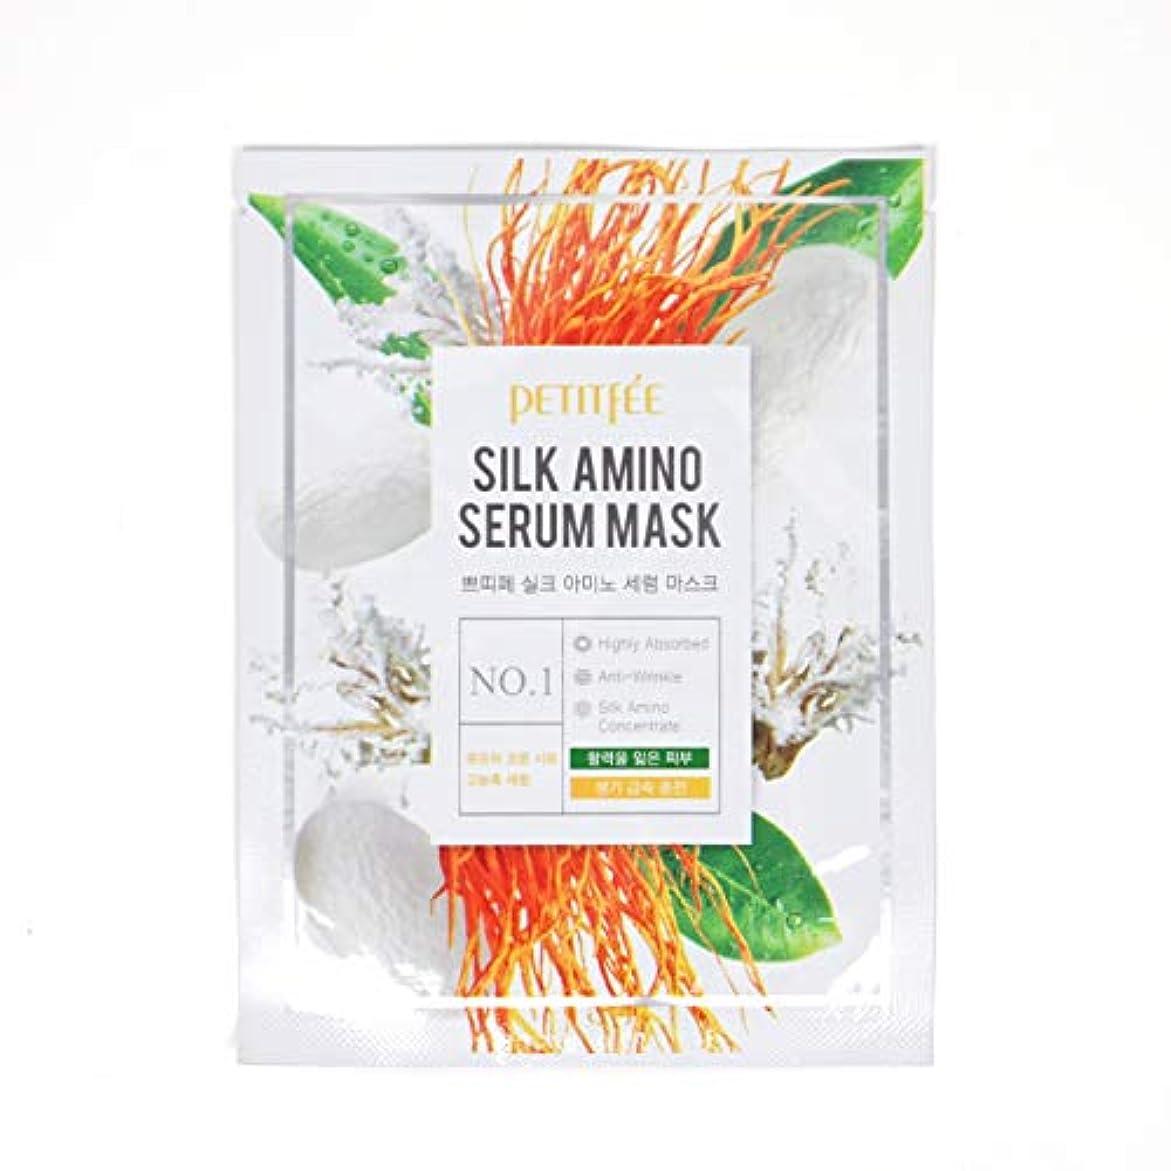 文法アルコーブ計画的PETITFEE (プチペ) シルクアミノセラムマスク 25gx10P (保湿) / Silk Amino Serum Mask